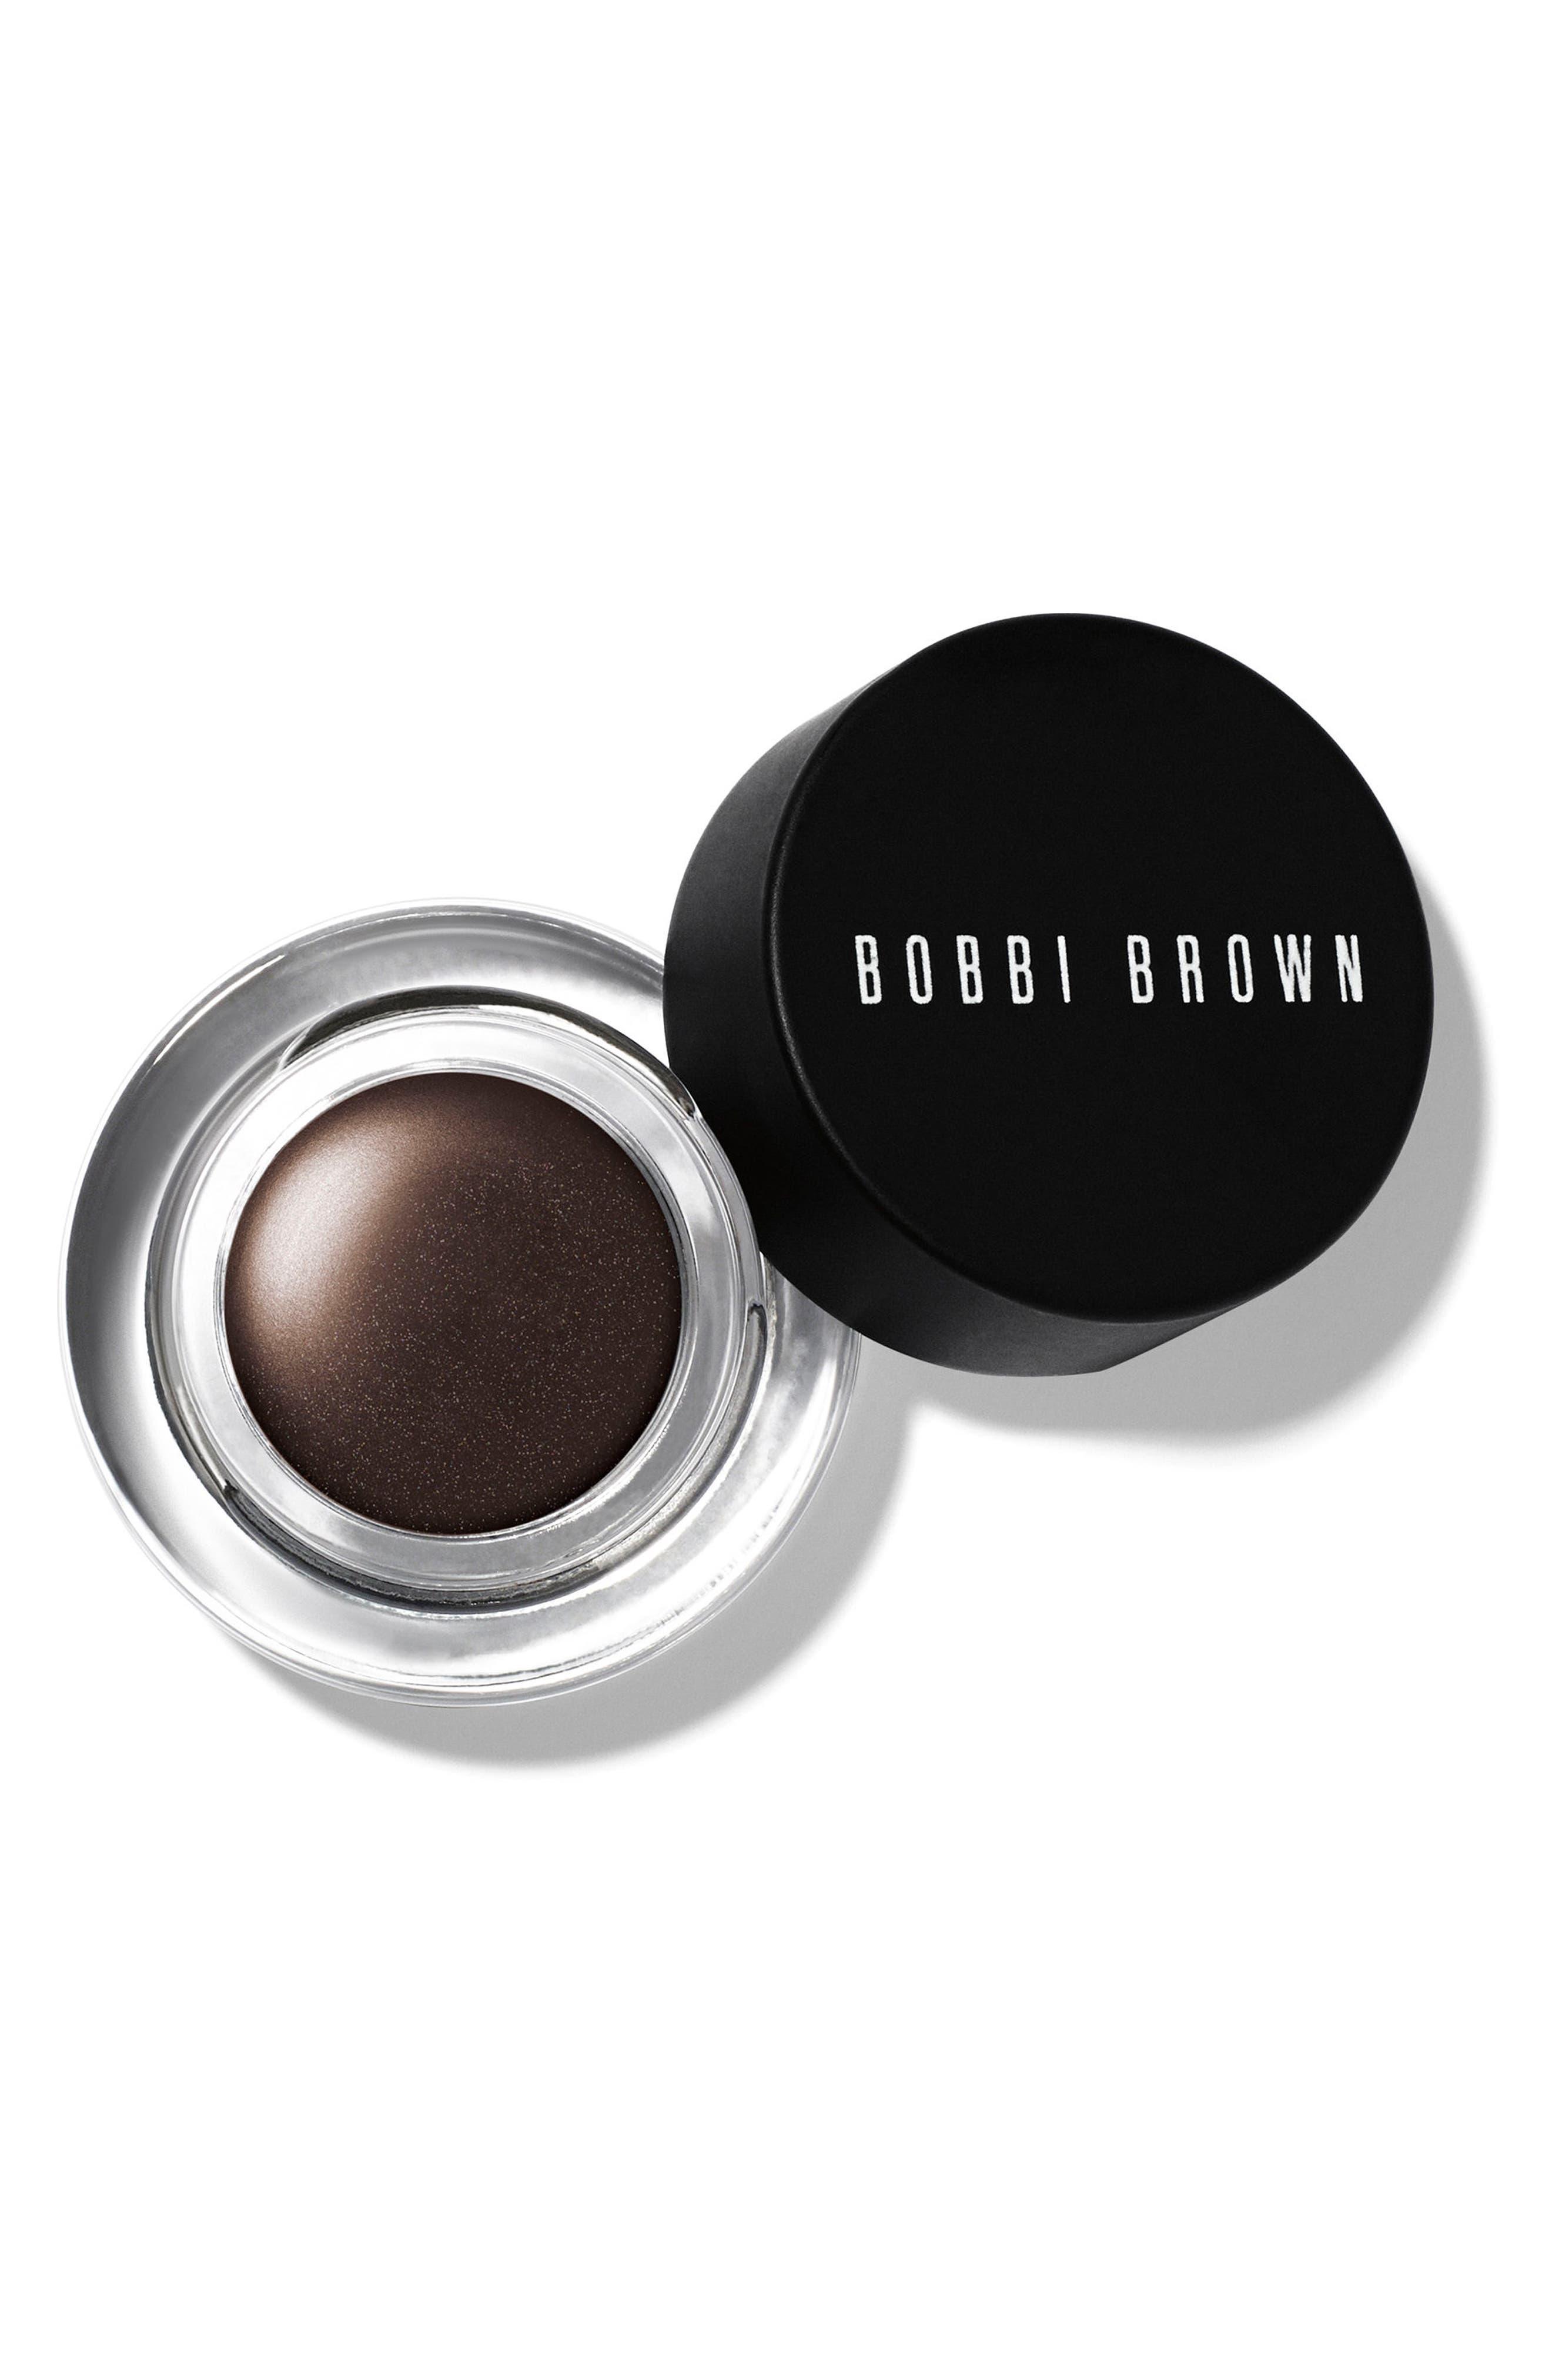 Bobbi Brown Long-Wear Gel Eyeliner - Black Mauve Shimmer Ink